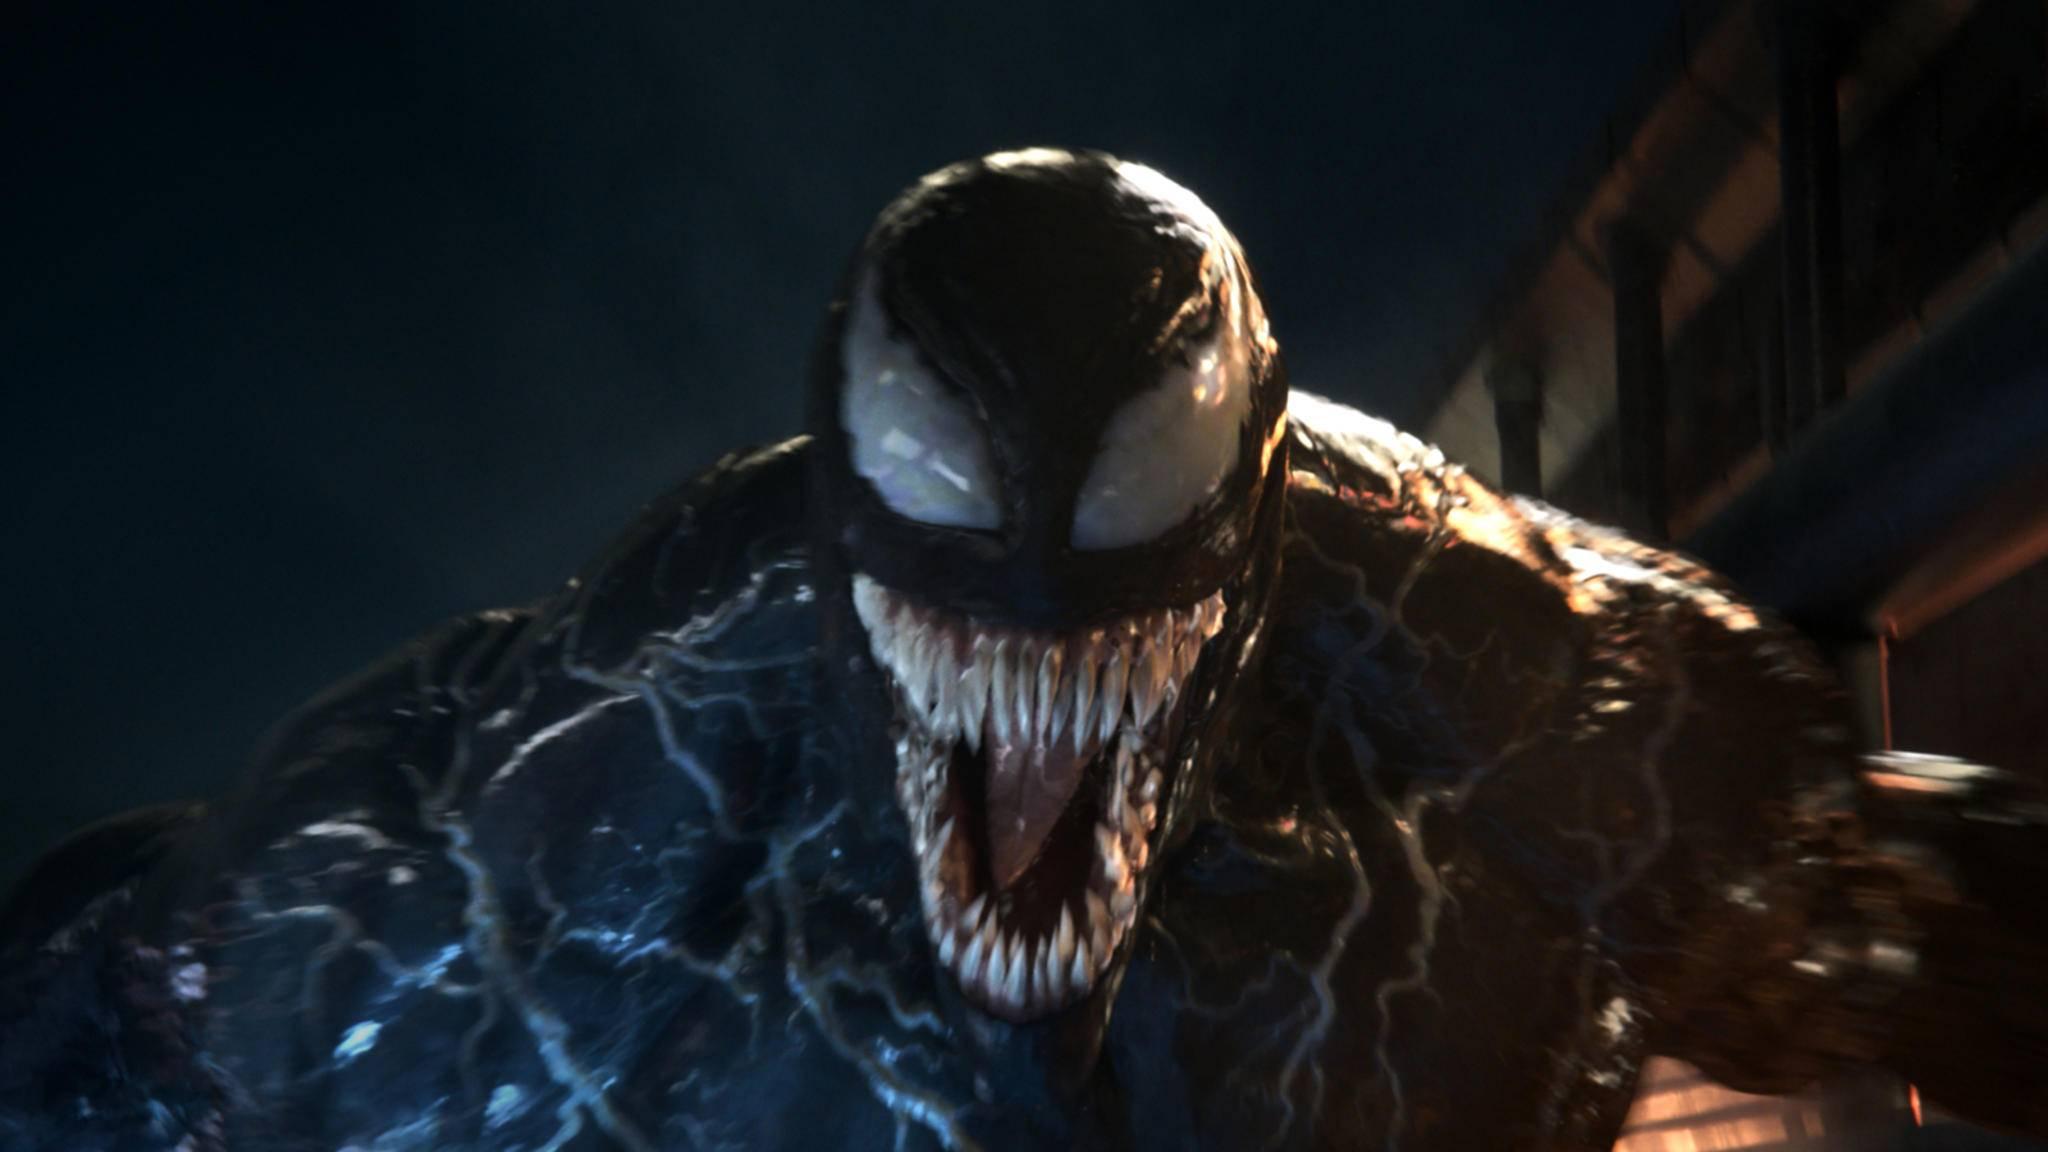 Und die Zähnchen sind alle blitzblank. Toll geputzt, Venom!